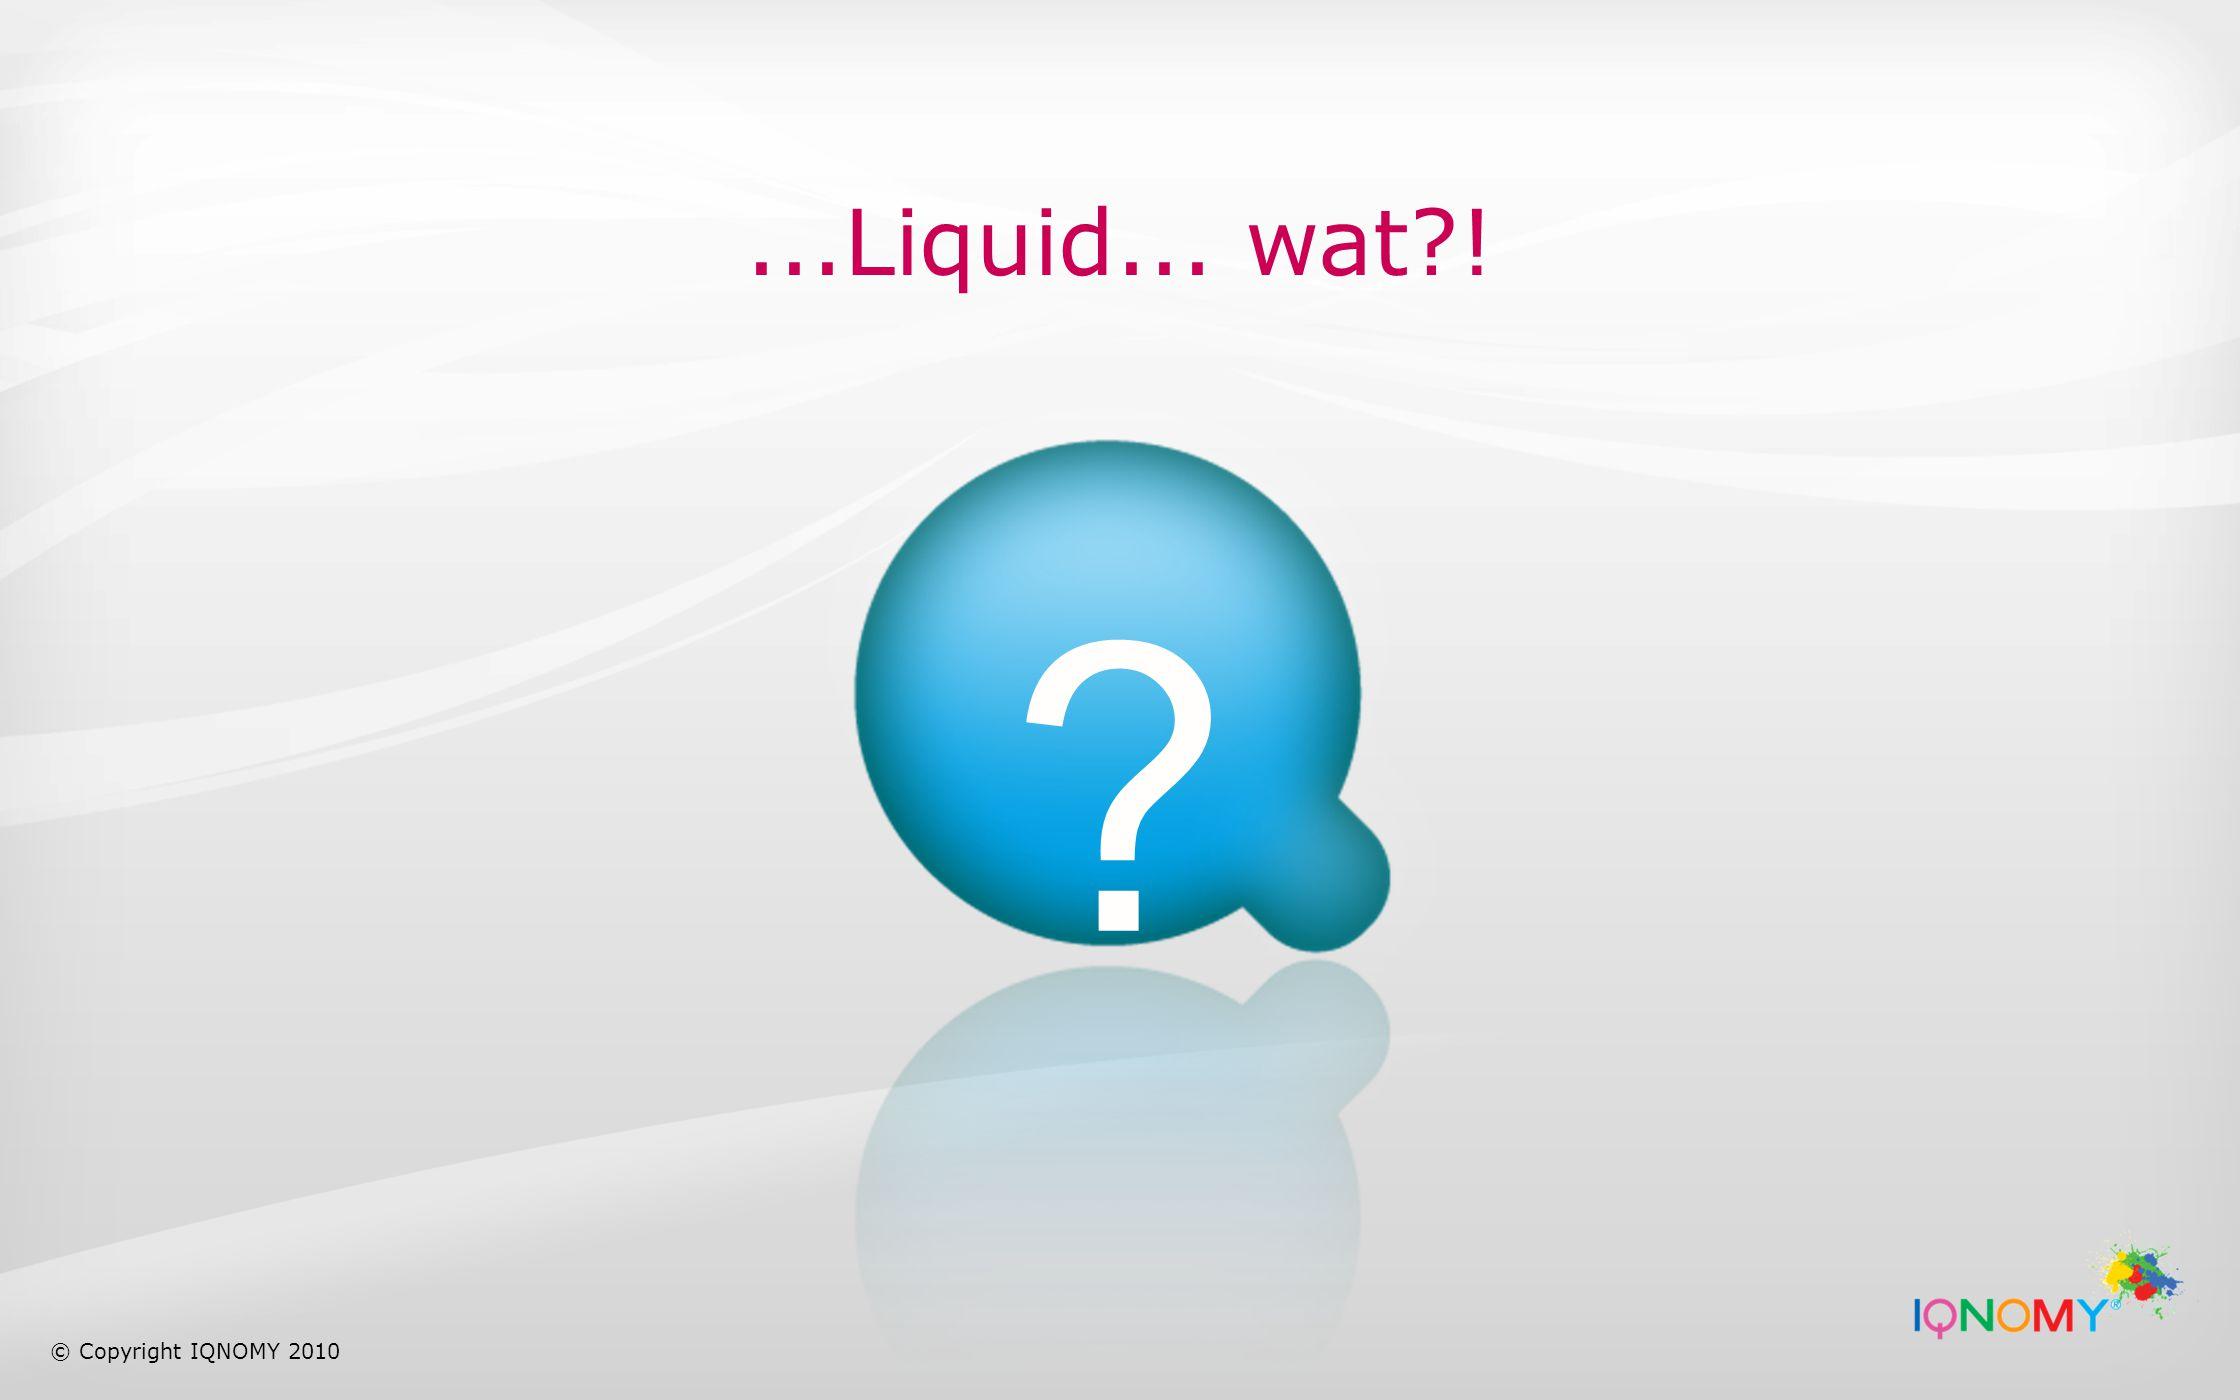 Neem voor meer informatie over IQNOMY's Liquid Internet contact op met: Rob Boeyink rob@iqnomy.com M: 0031-13-4653430 W: www.iqnomy.com Volg ons TwitterVolg ons op LinkedIn © Copyright IQNOMY 2010 Volg ons op Facebook